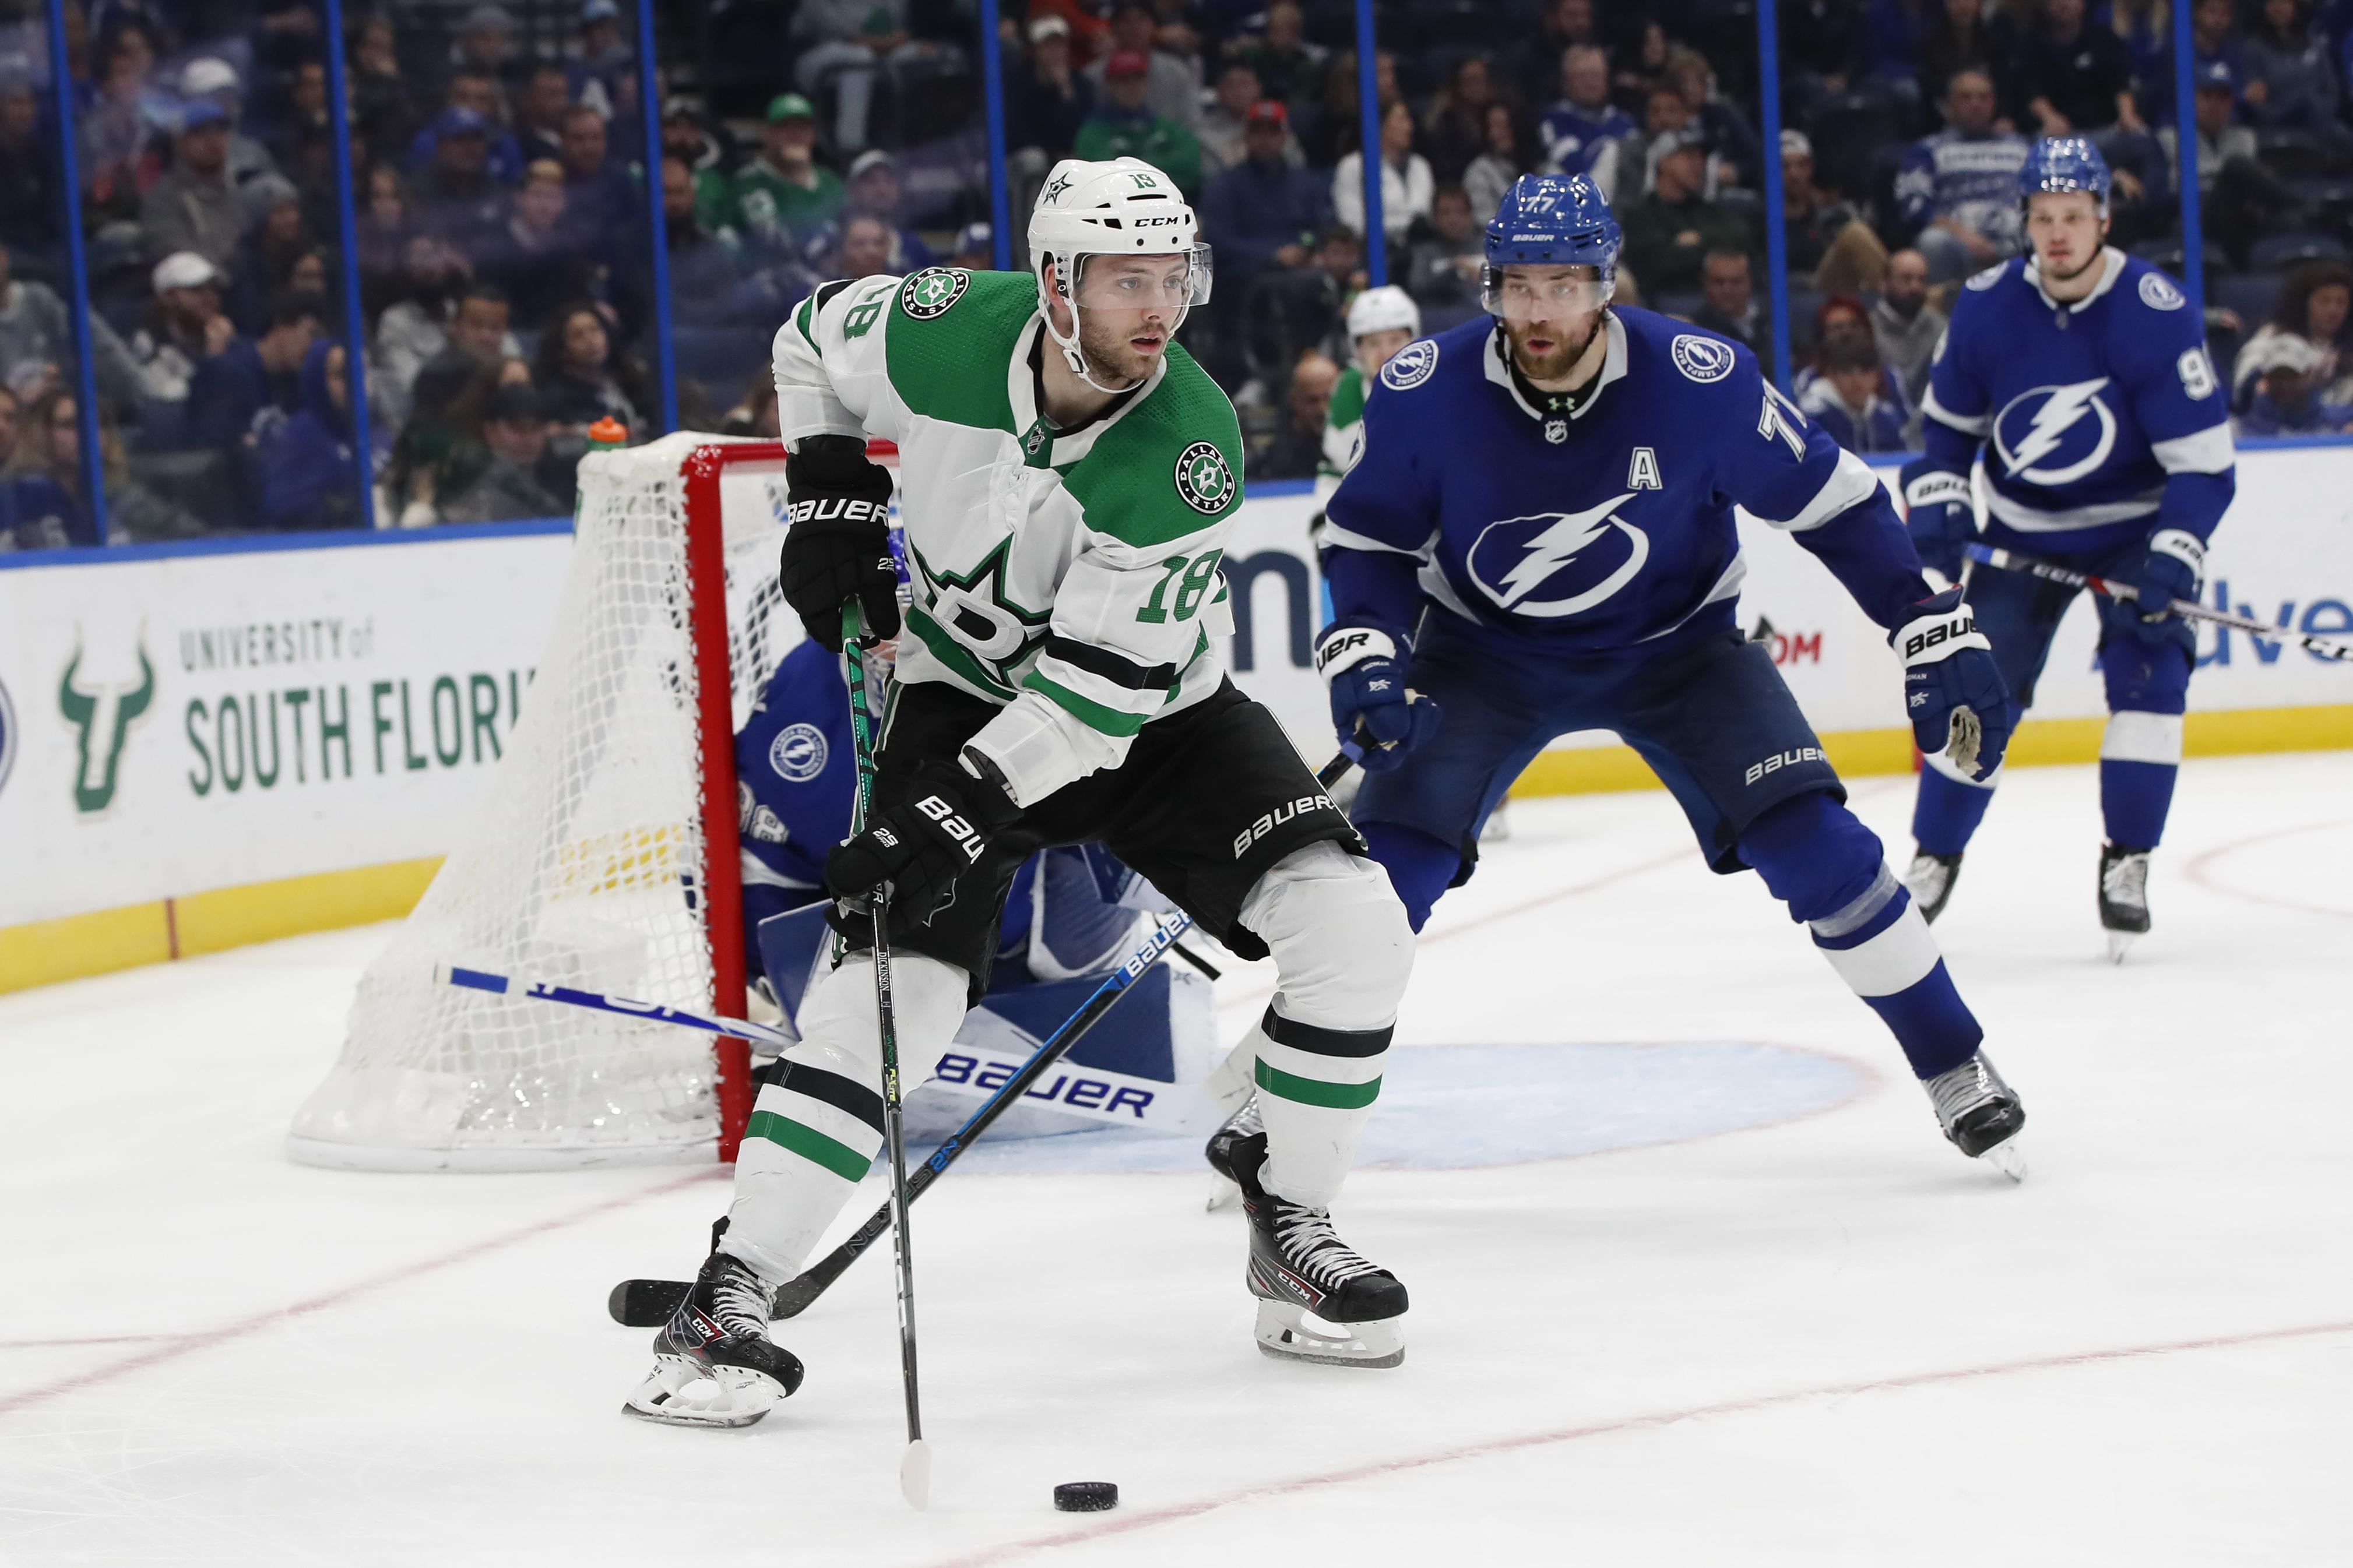 NHL: DEC 19 Stars at Lightning